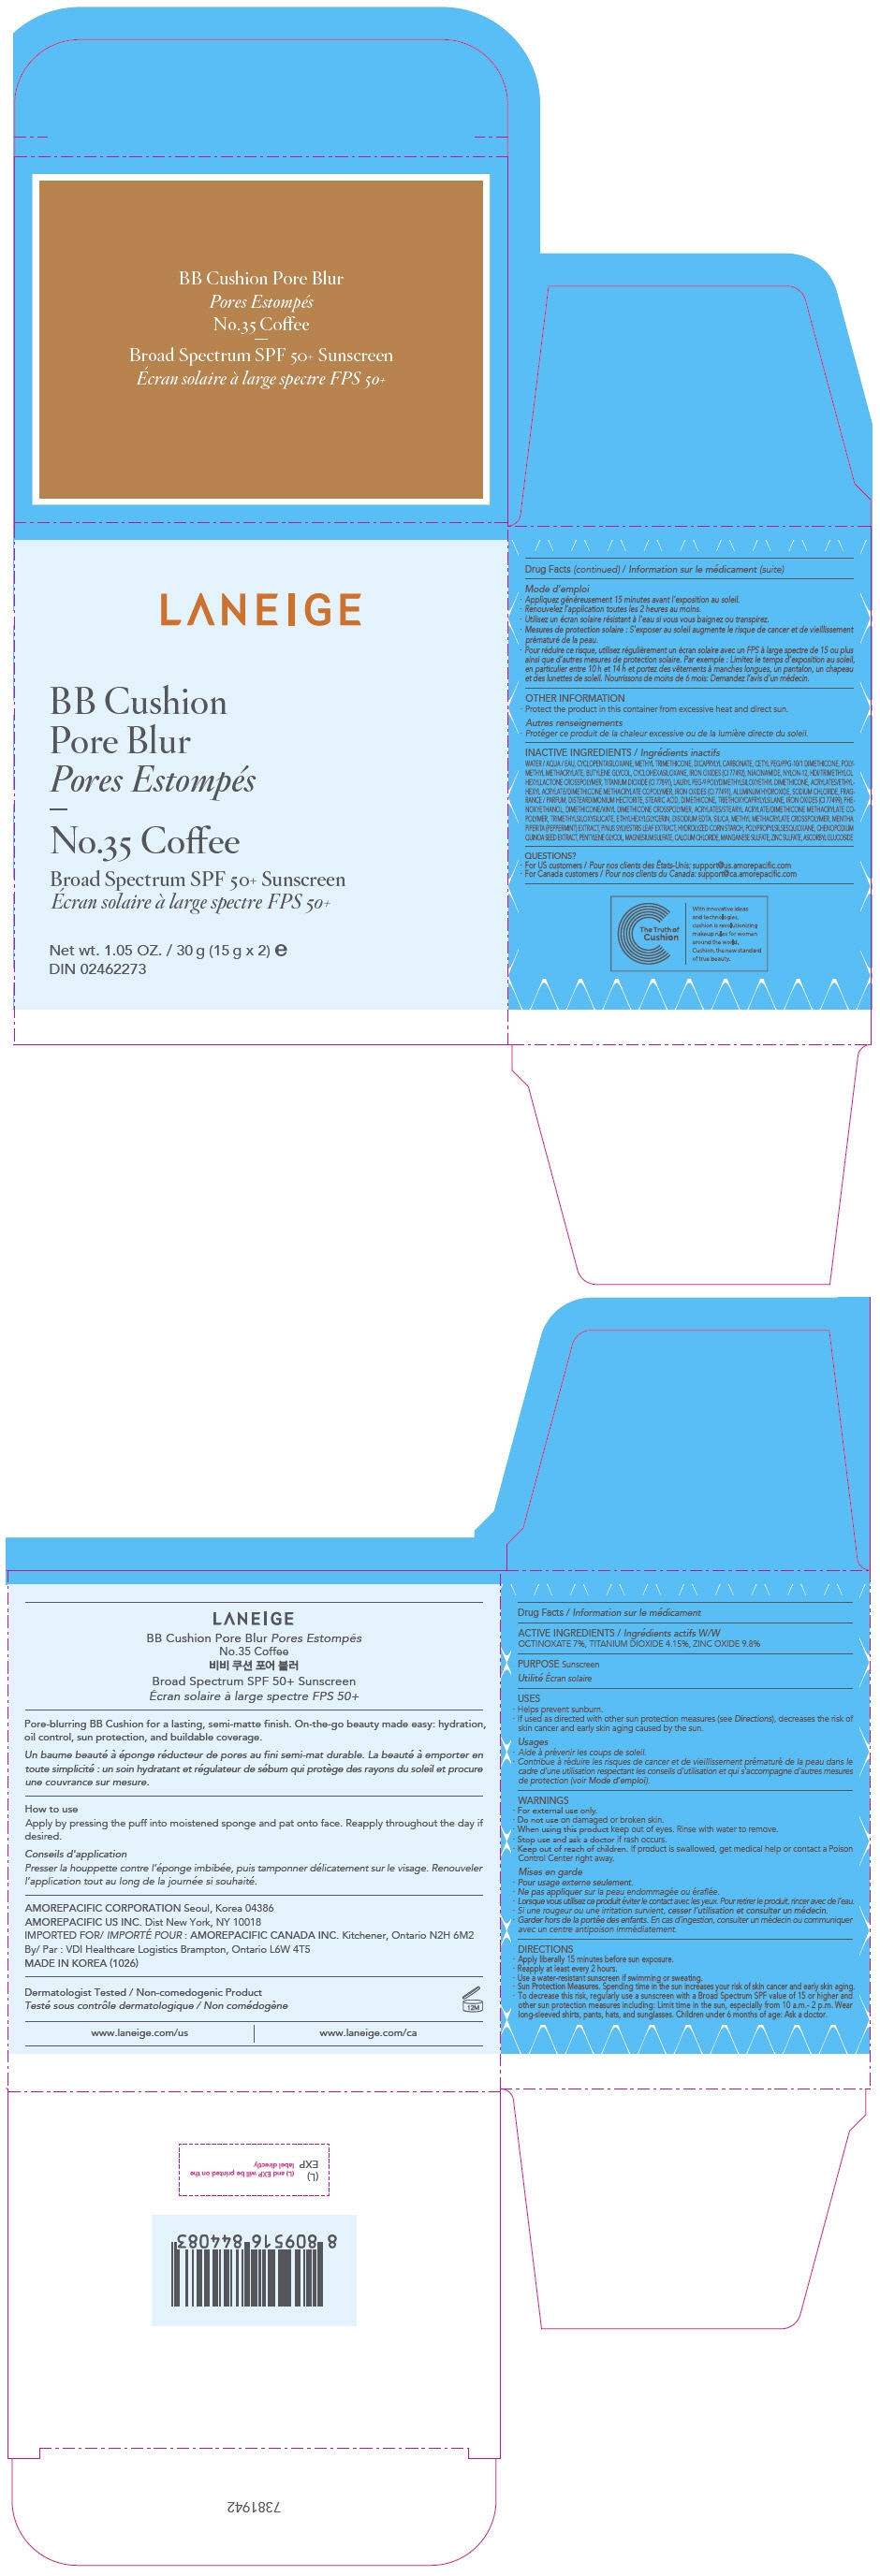 PRINCIPAL DISPLAY PANEL - 30 g Container Carton - No.35 Coffee